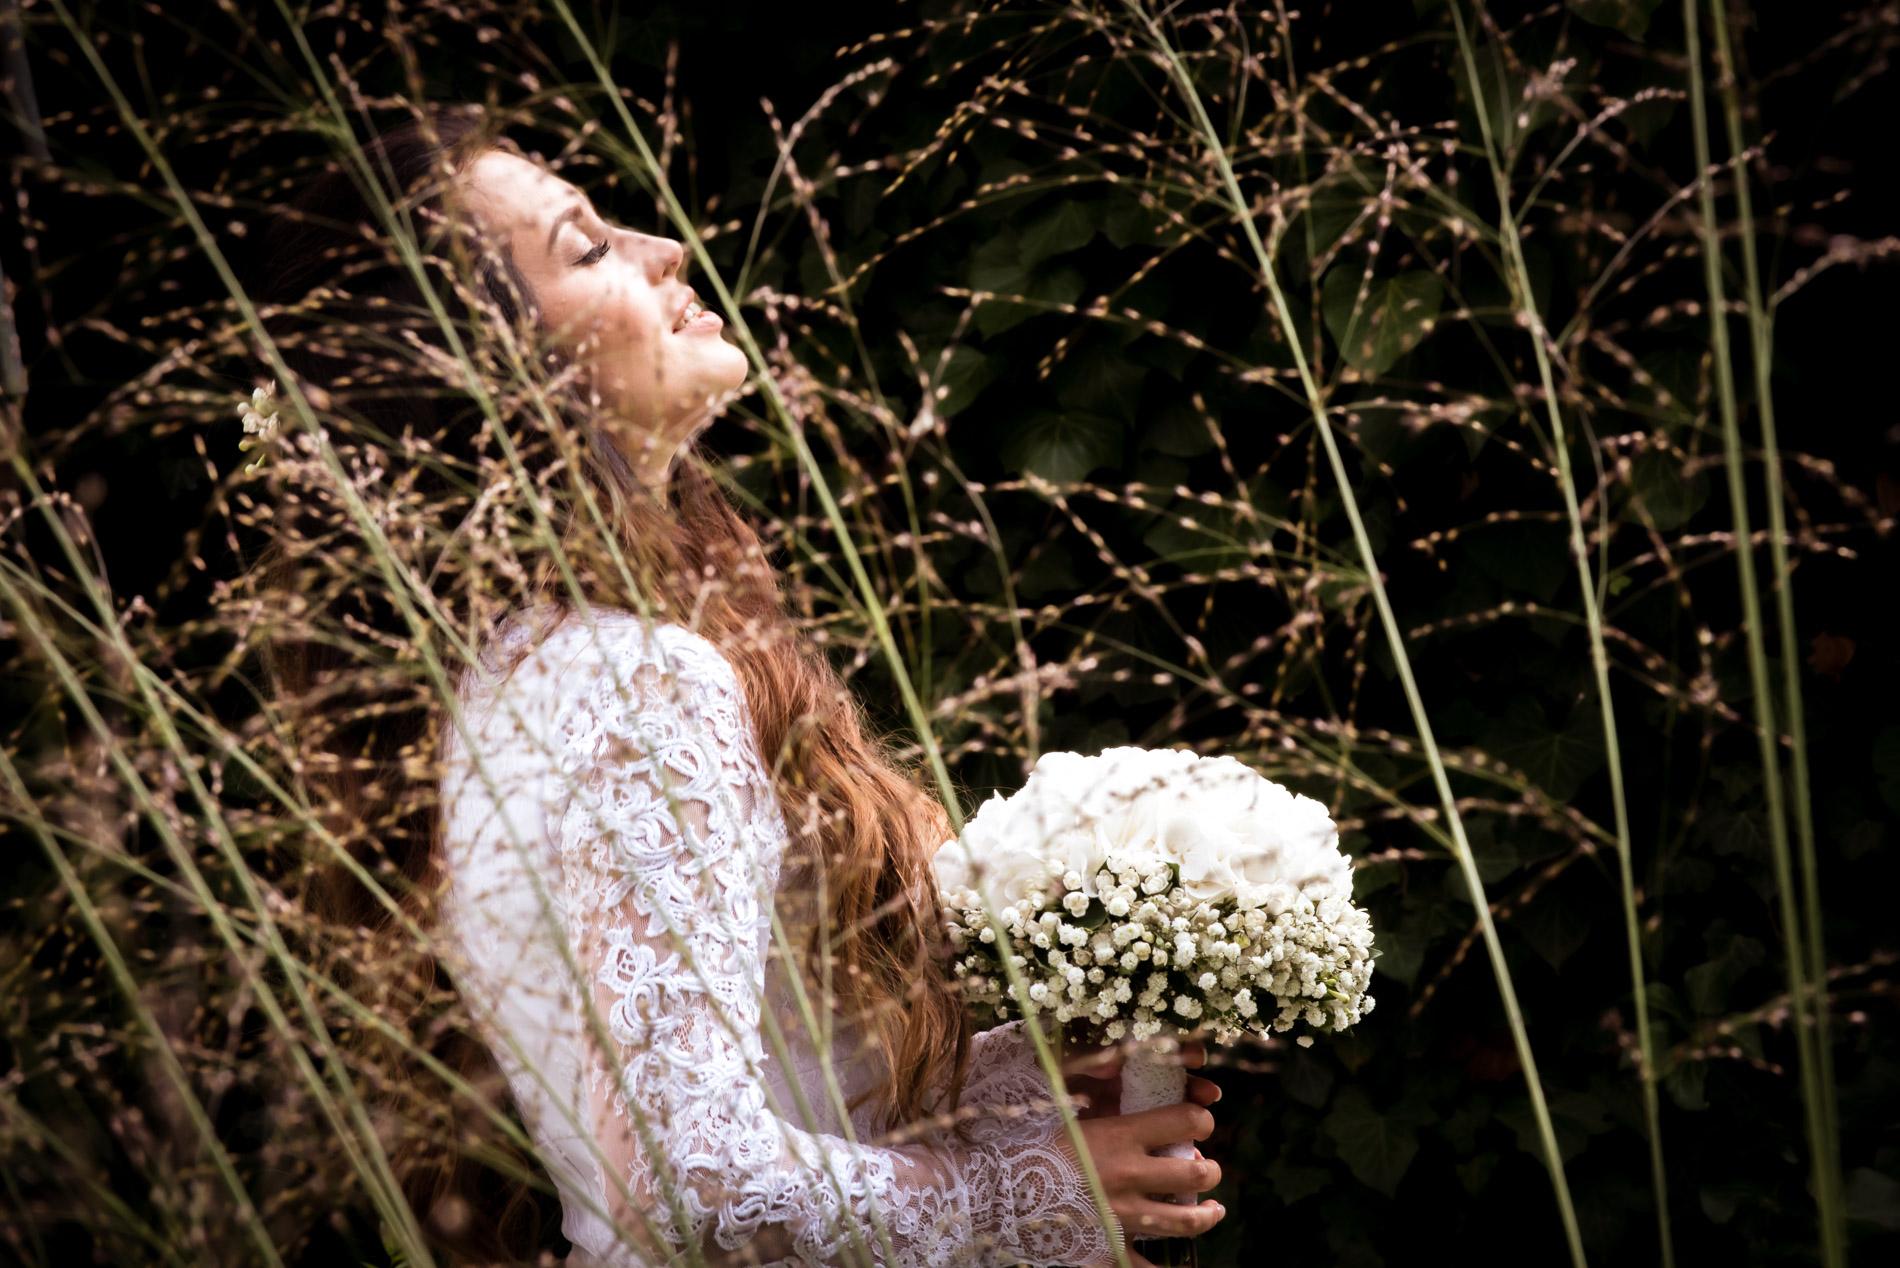 Svatební fotografie - svatební fotograf Filip Komorous